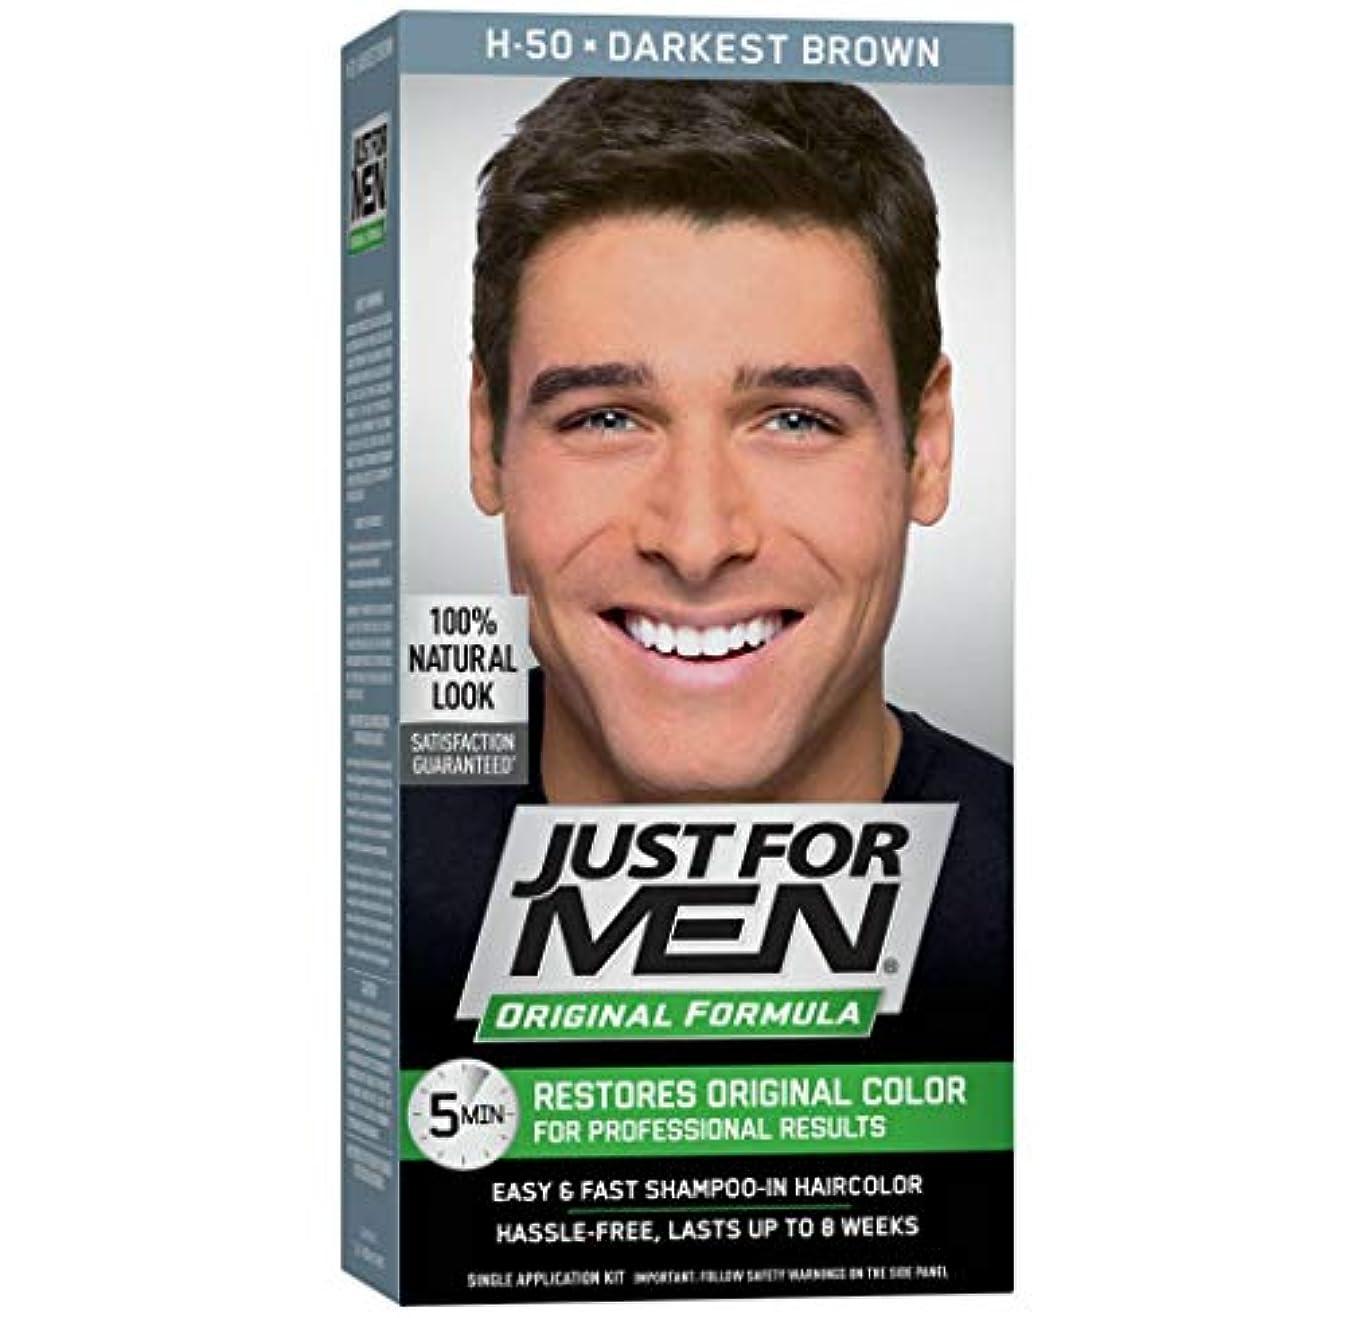 繁雑ありがたいバッフルJust for Men Shampoo-In Hair Color Darkest Brown 50 (並行輸入品)